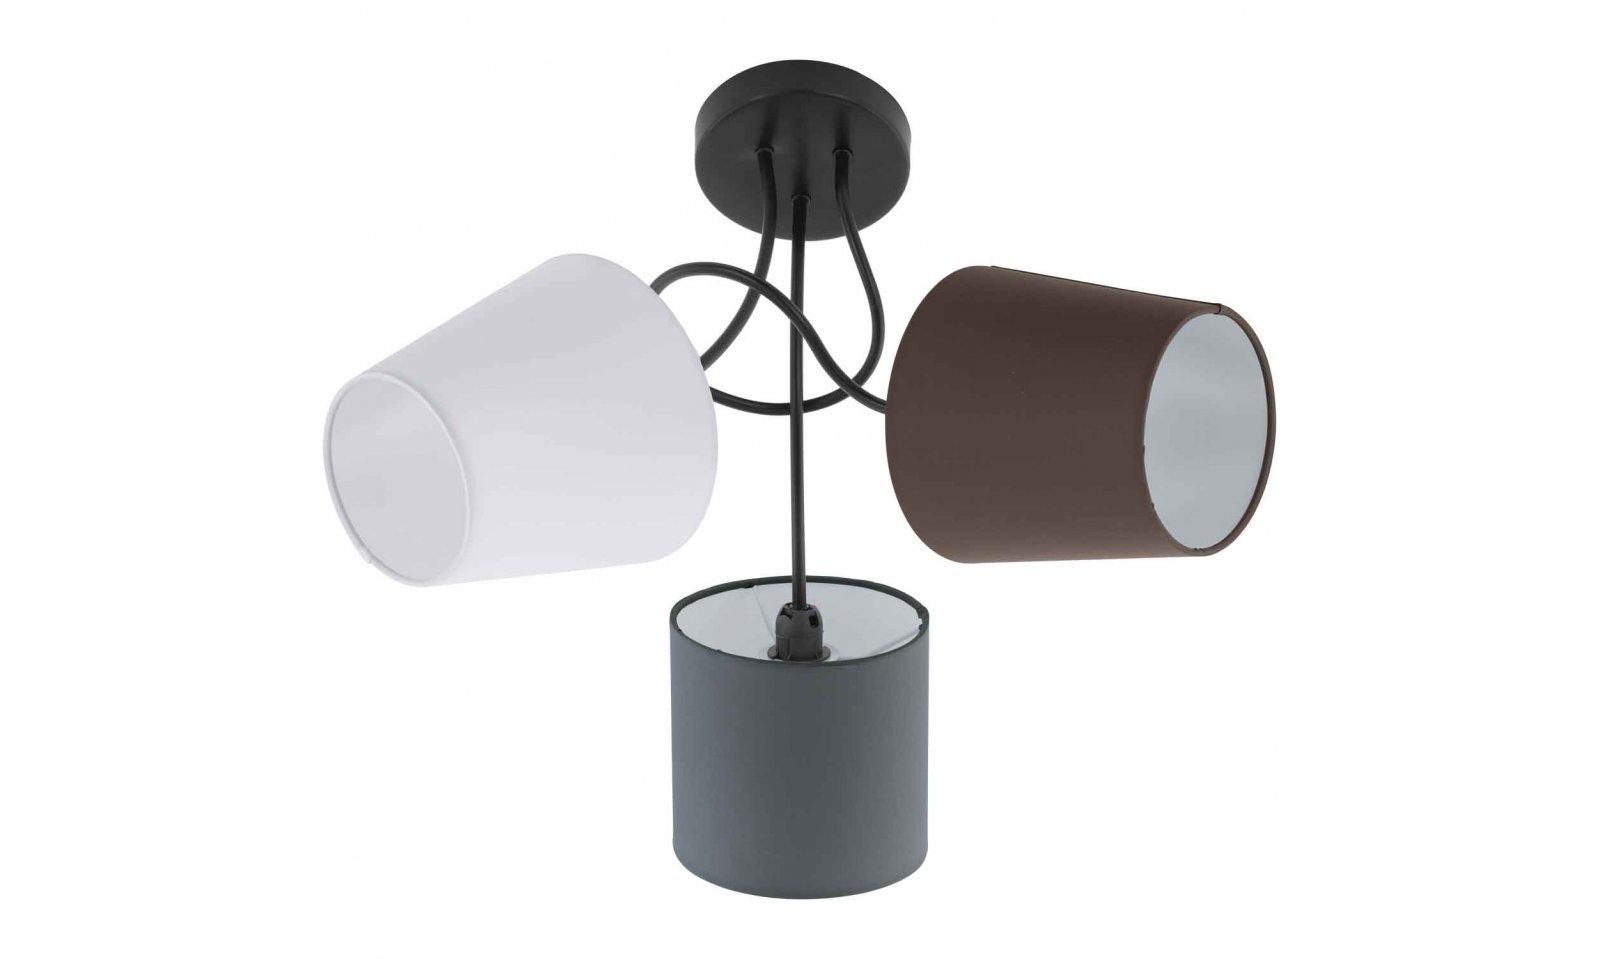 Plafoniere Moderne In Tessuto : Eglo almeida plafoniera moderna in acciaio nero e tessuto colorato